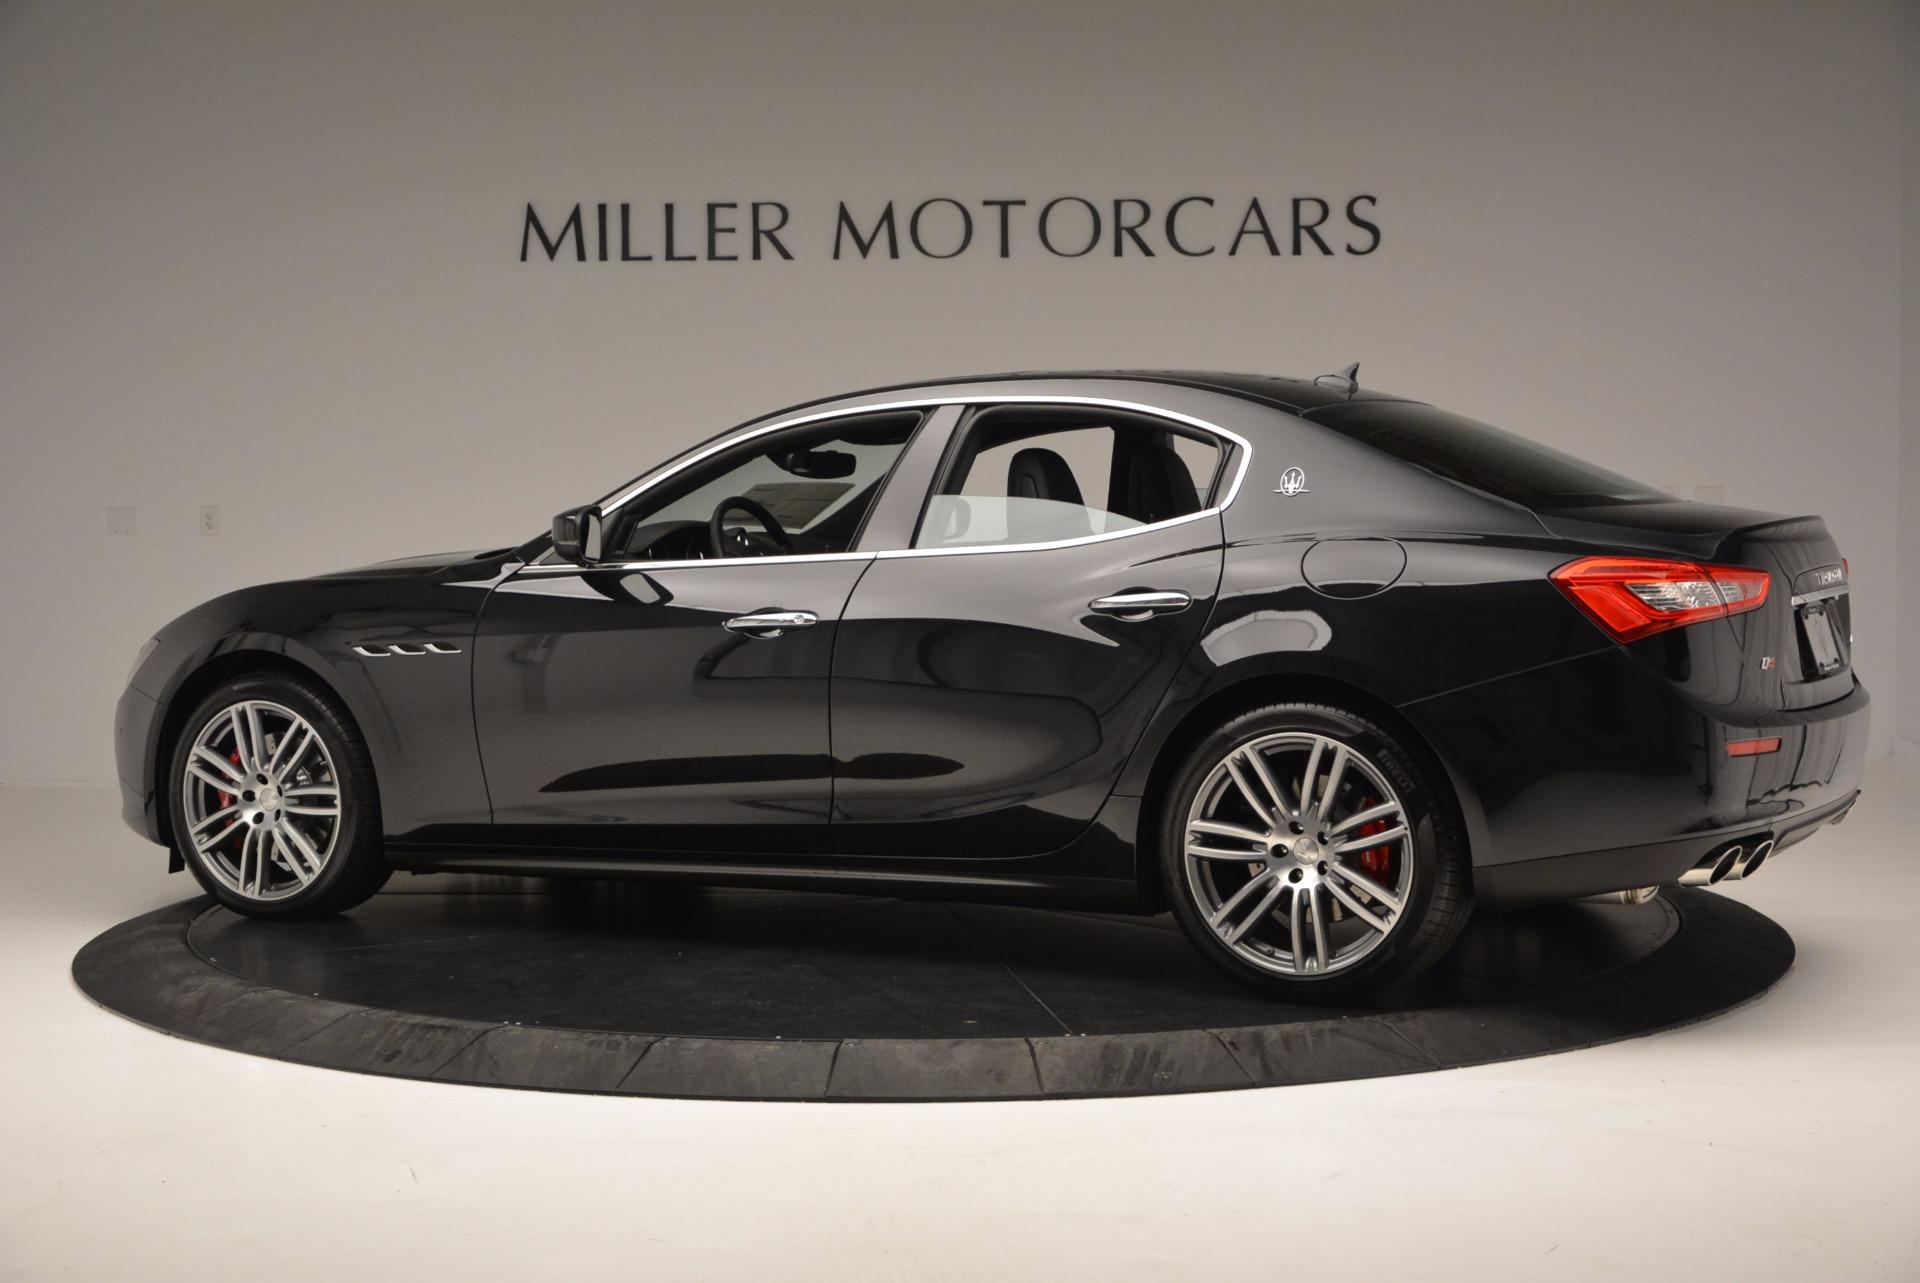 New 2017 Maserati Ghibli S Q4 For Sale In Greenwich, CT 1114_p4